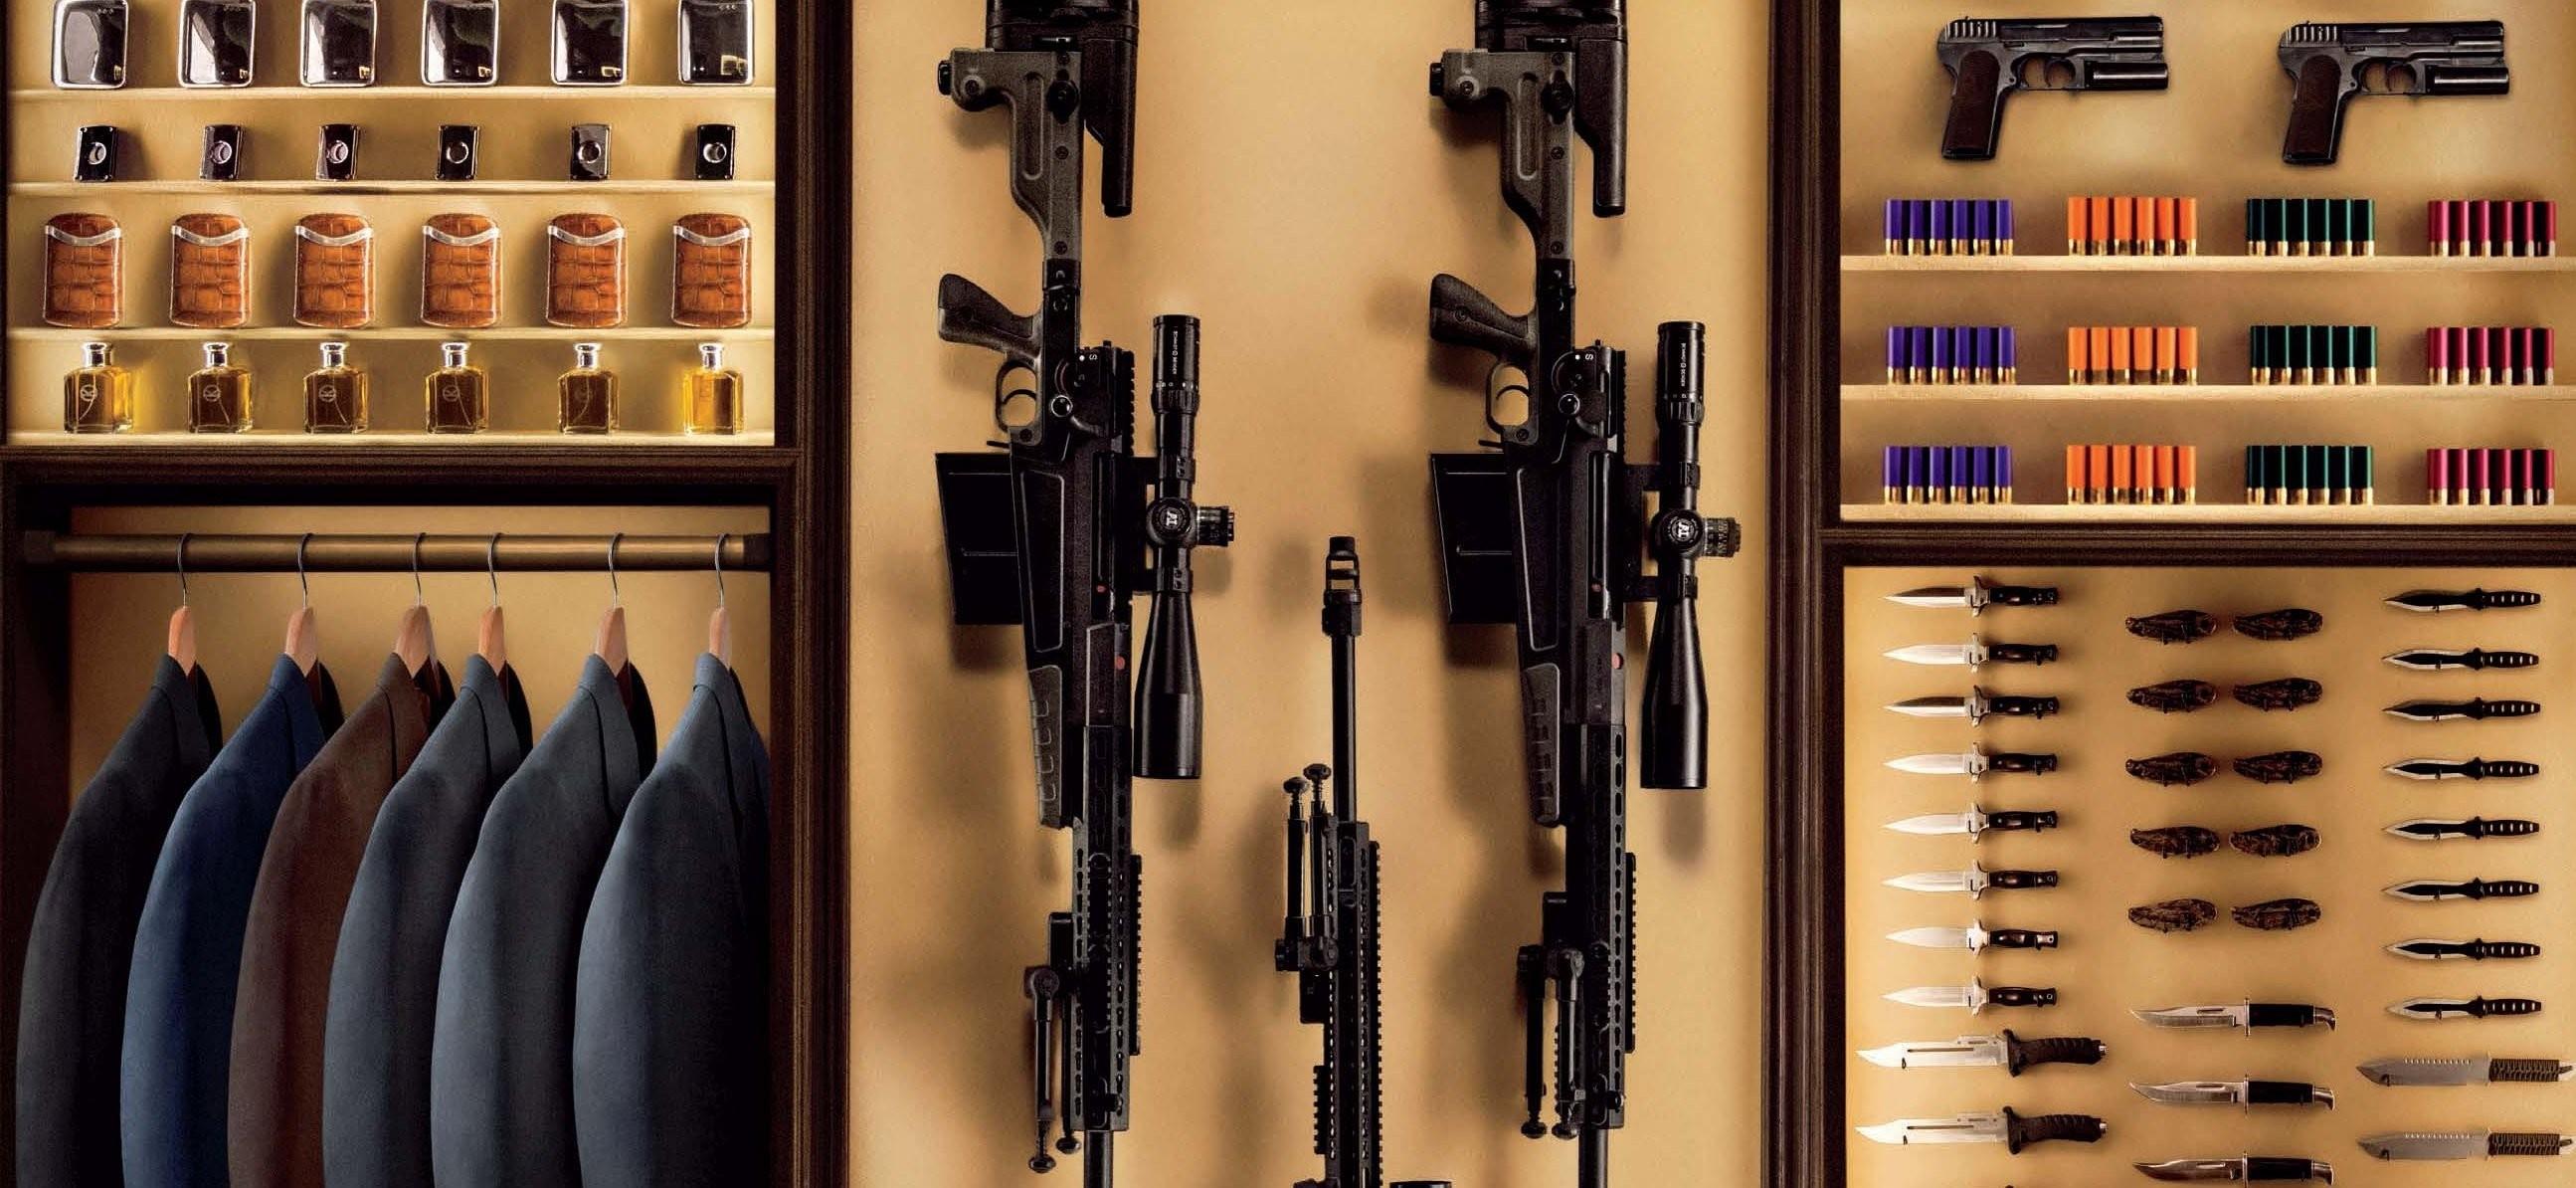 Res: 2590x1194, KINGSMAN-SECRET-SERVICE action adventure comedy spy crime kingsman secret  service weapon gun wallpaper |  | 566004 | WallpaperUP